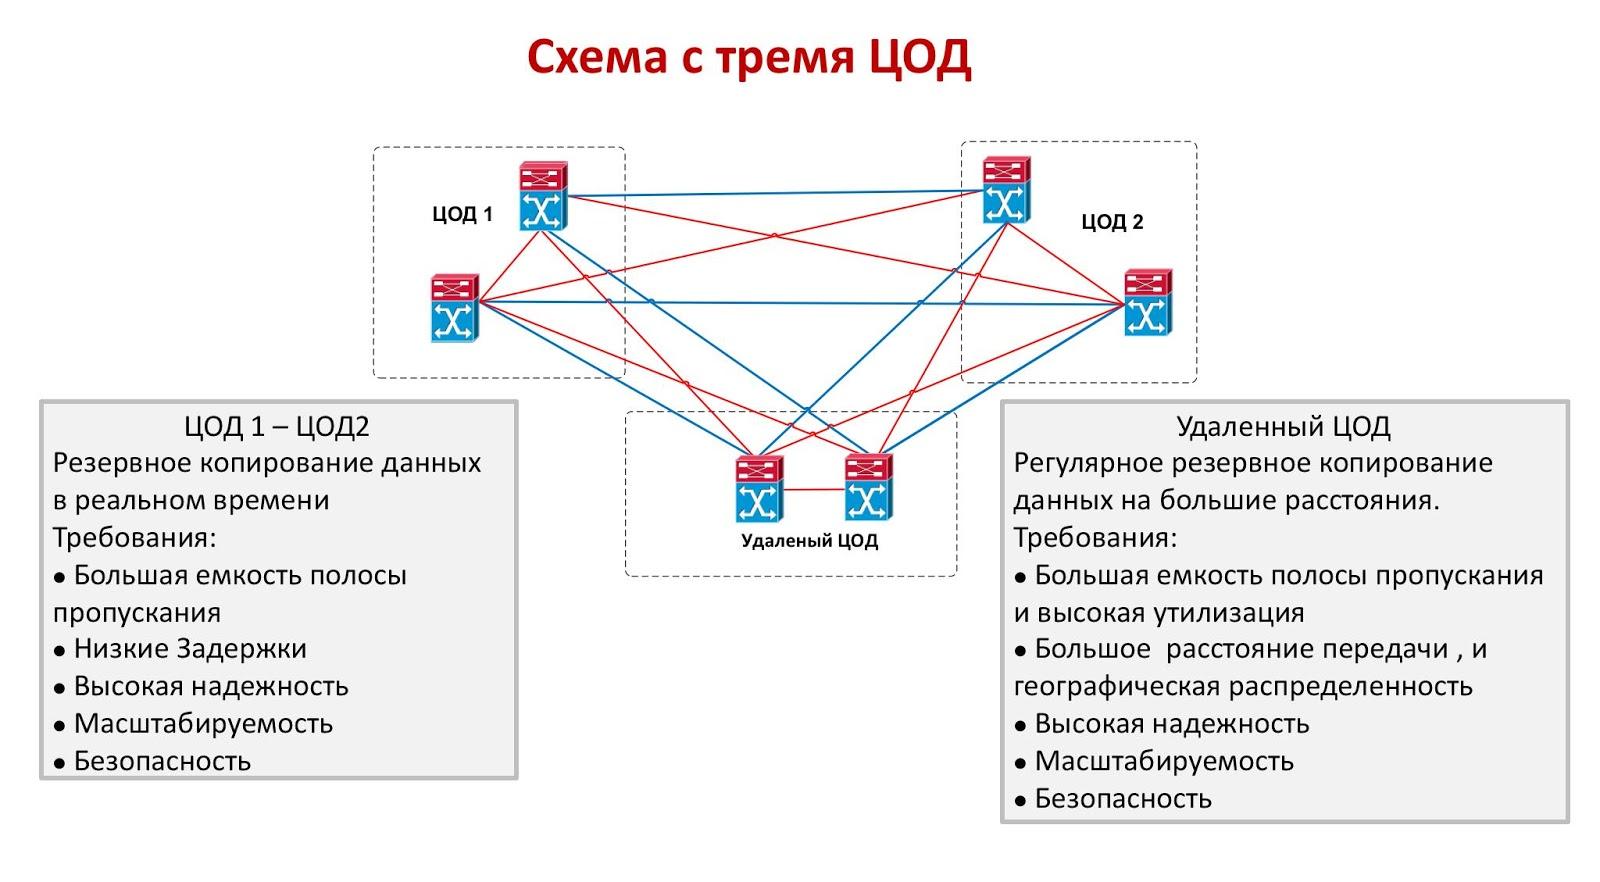 Технологии WDM: объединяем дата-центры в катастрофоустойчивые кластеры - 6